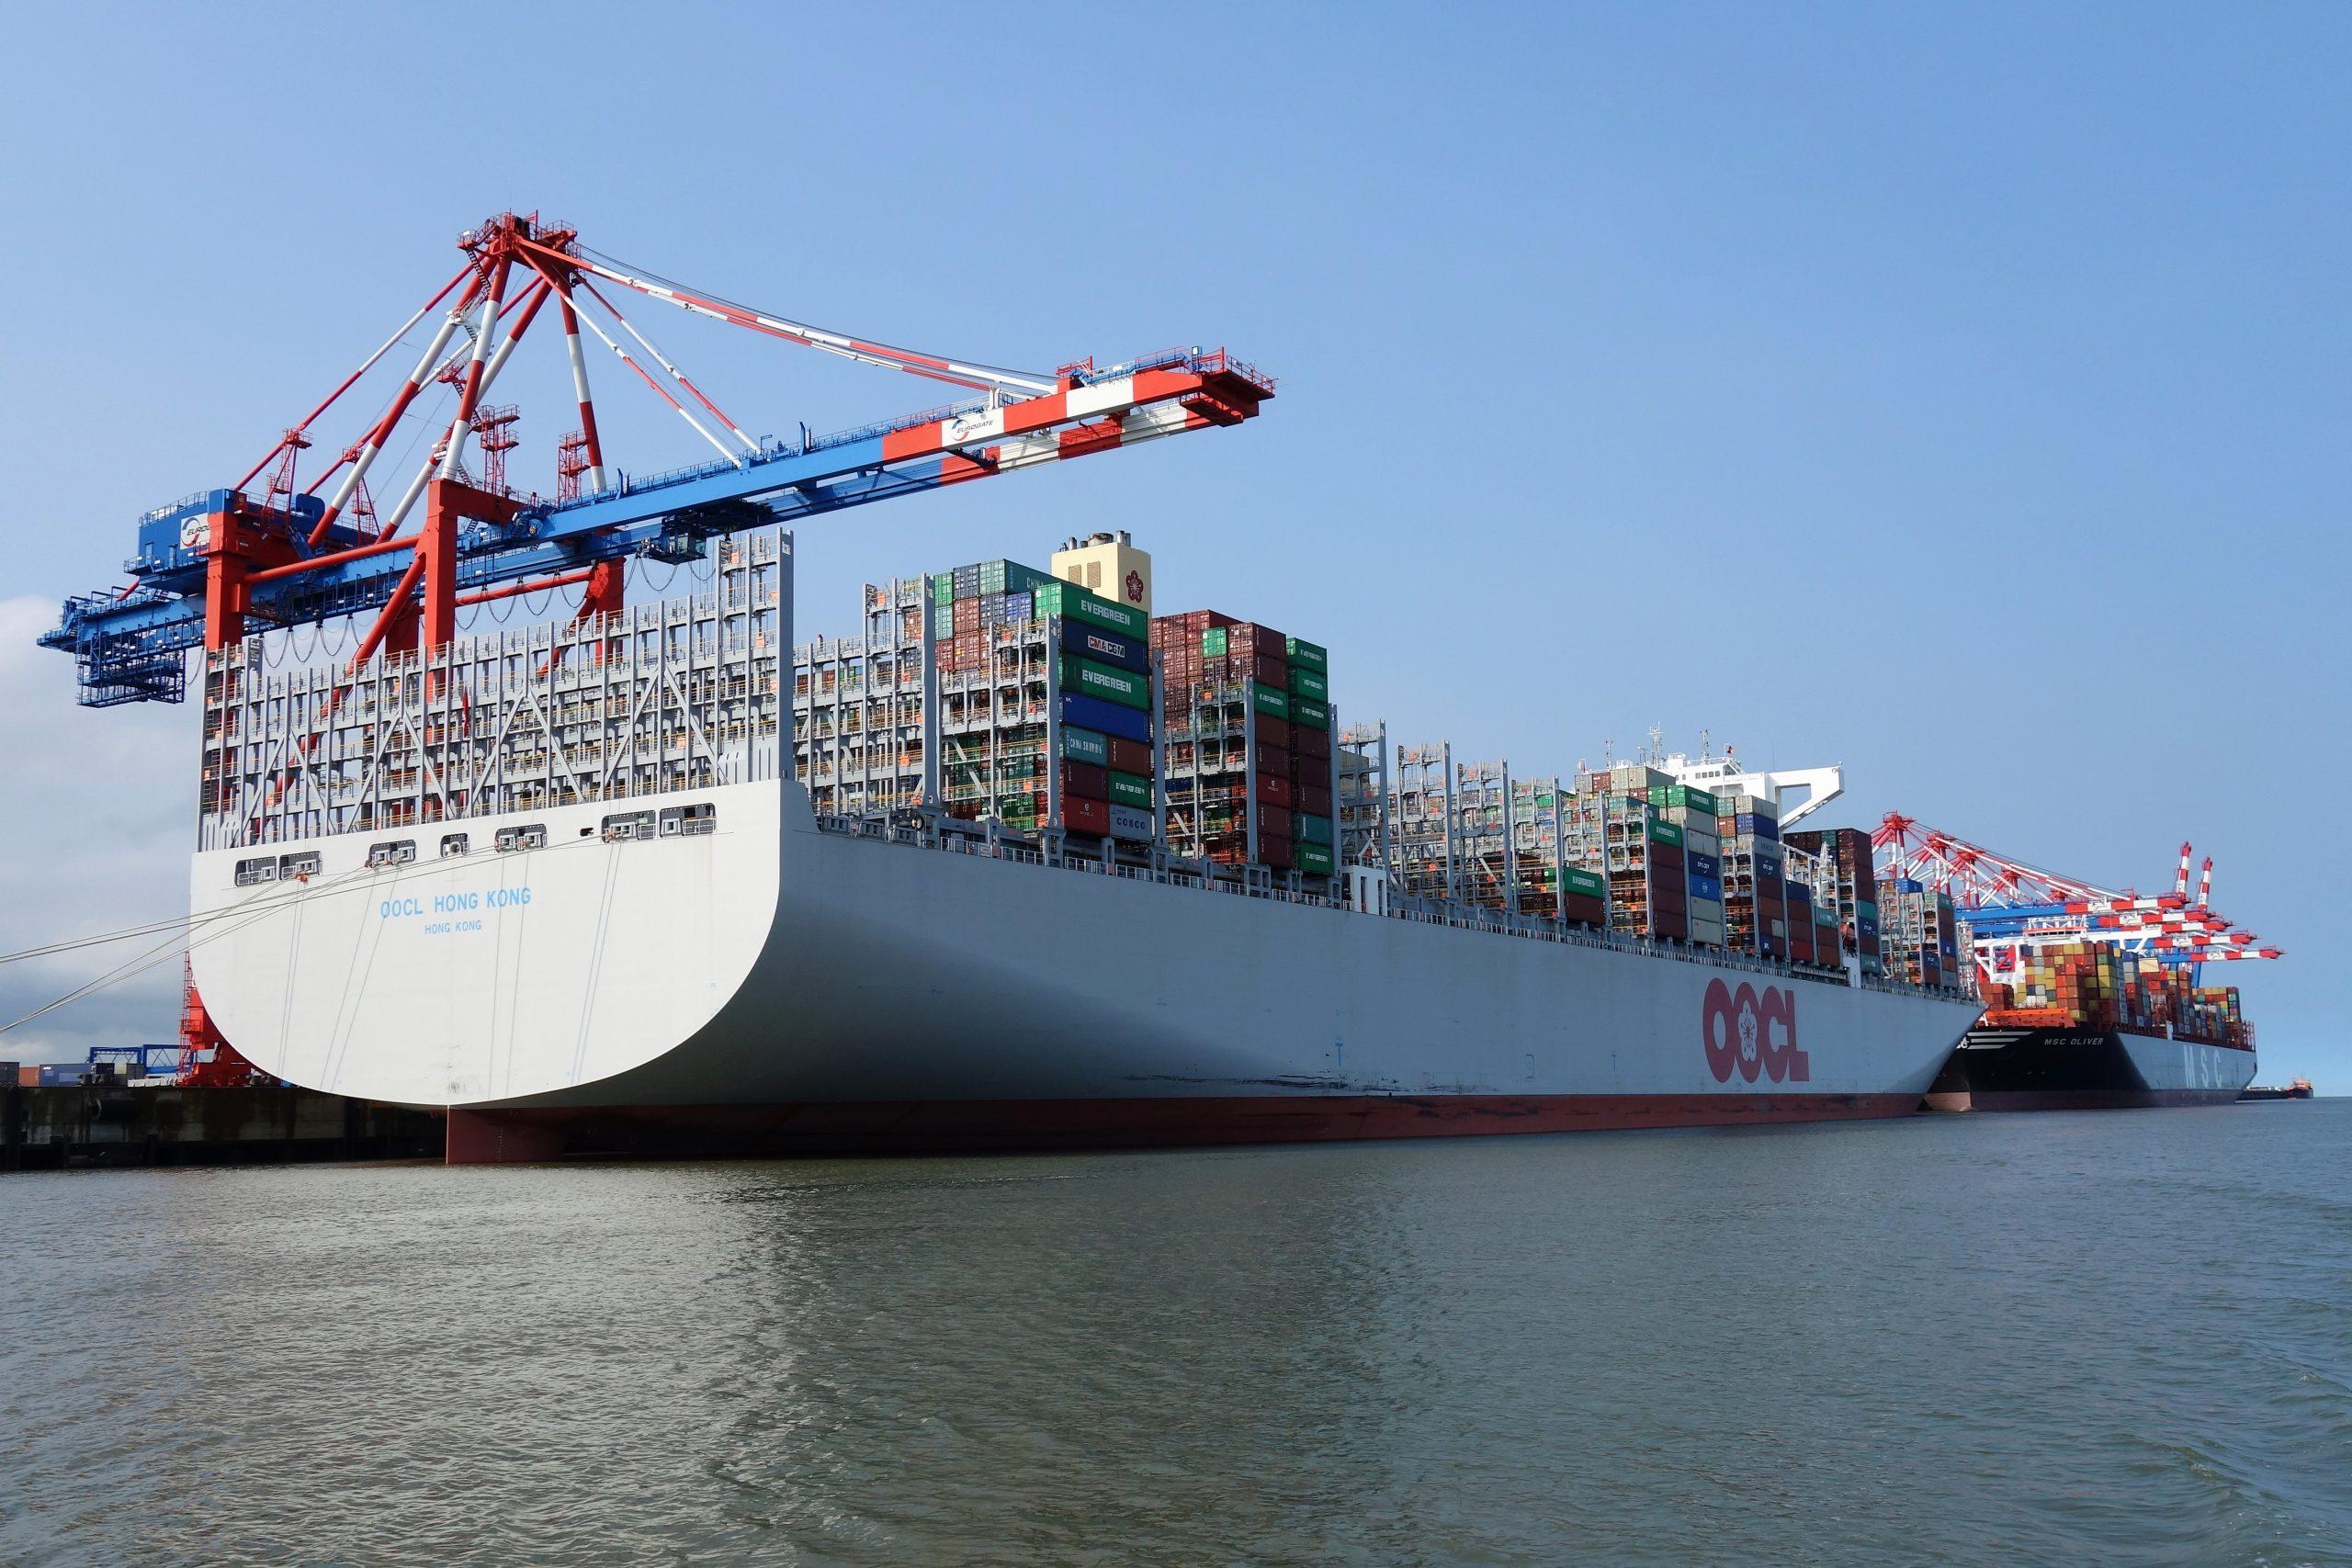 De OOCL Hong Kong (400 x 59 meter) was drie jaar geleden met 21.413 teu nog het grootste containerschip. (Foto Wikipedia)